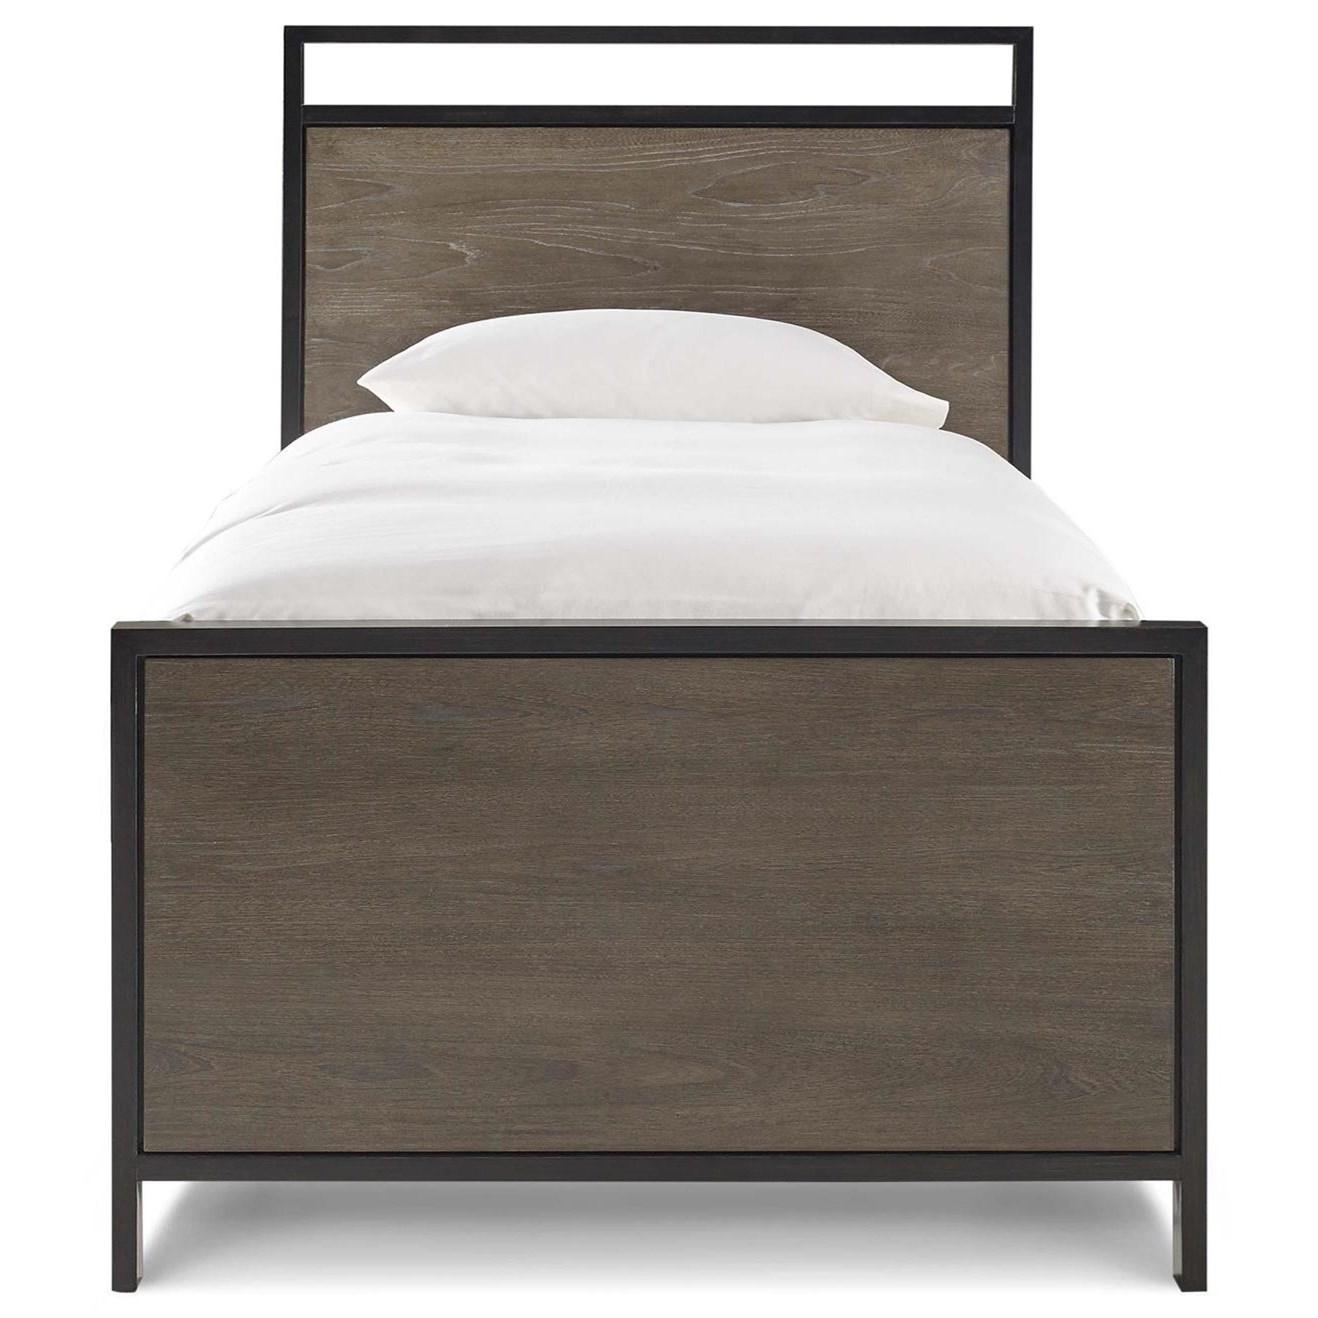 Smartstuff #myRoom Twin Panel Bed - Item Number: 5322037